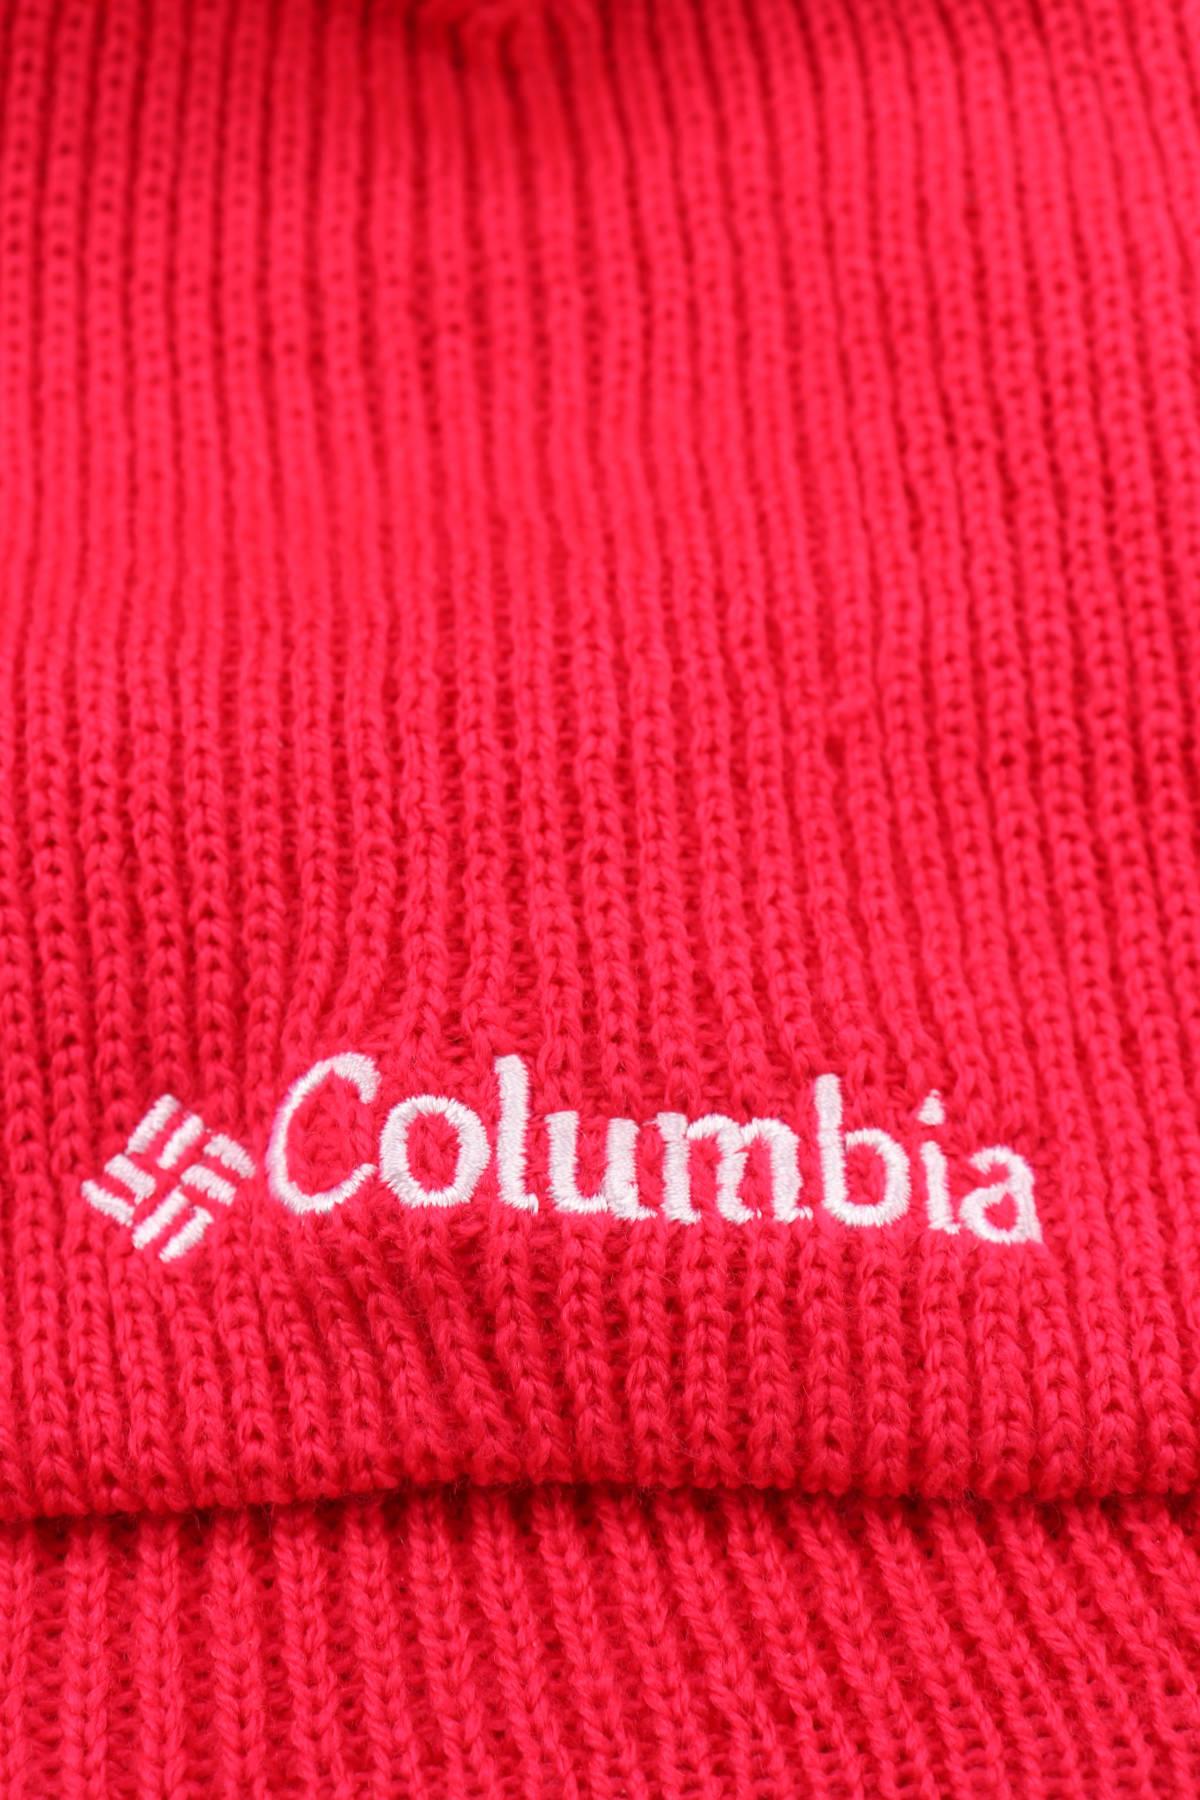 Шапка Columbia4